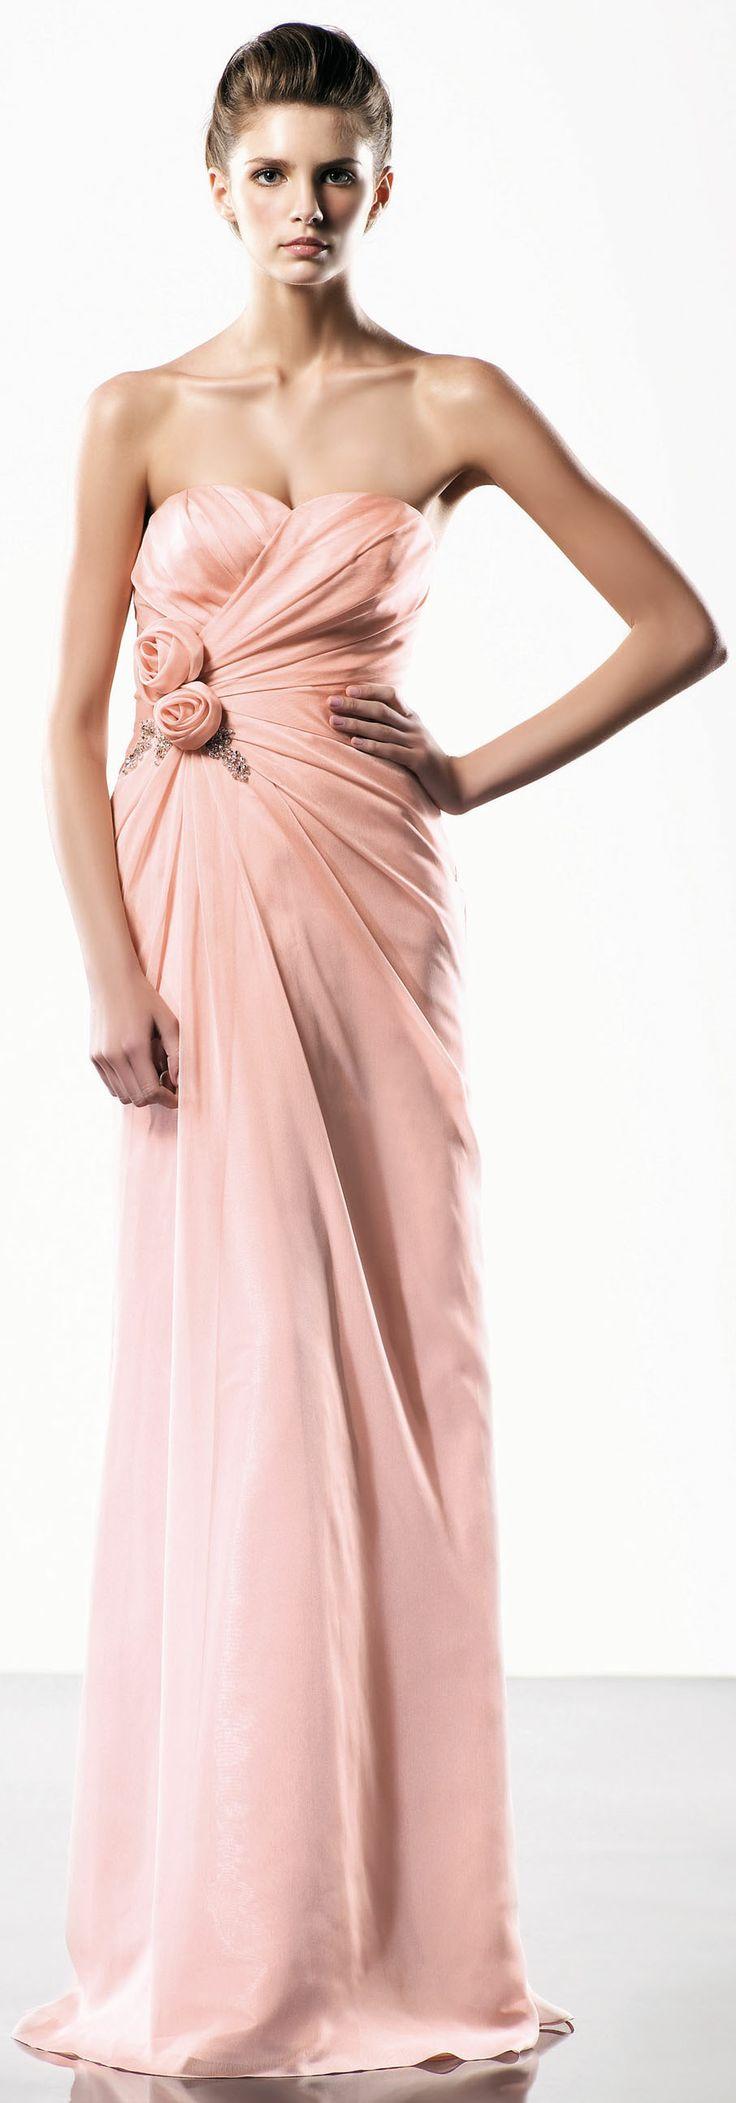 Encantador Donate Prom Dresses Nj Fotos - Colección de Vestidos de ...